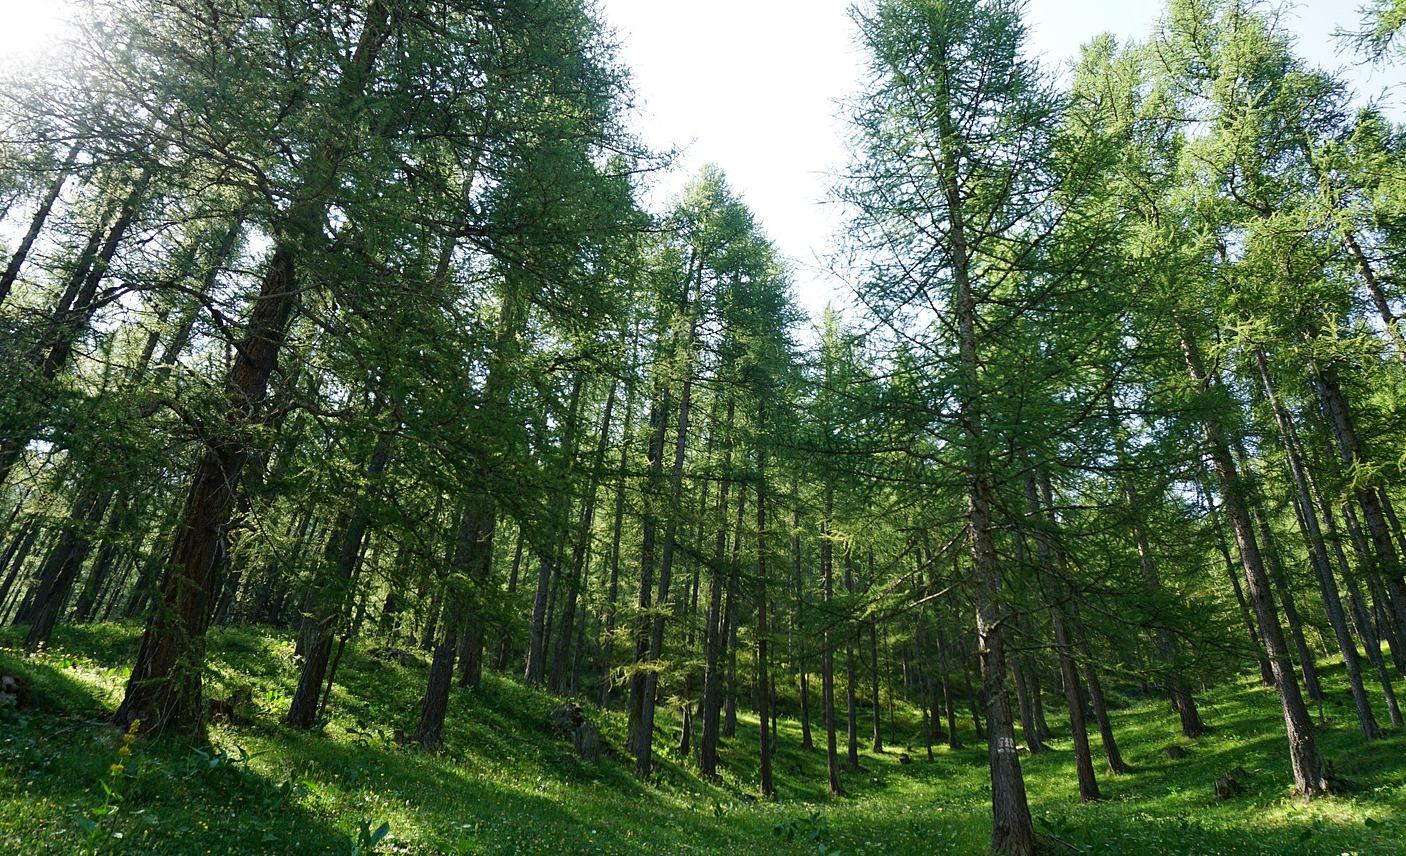 Magnificent larch forest before Crête de l'Echelle